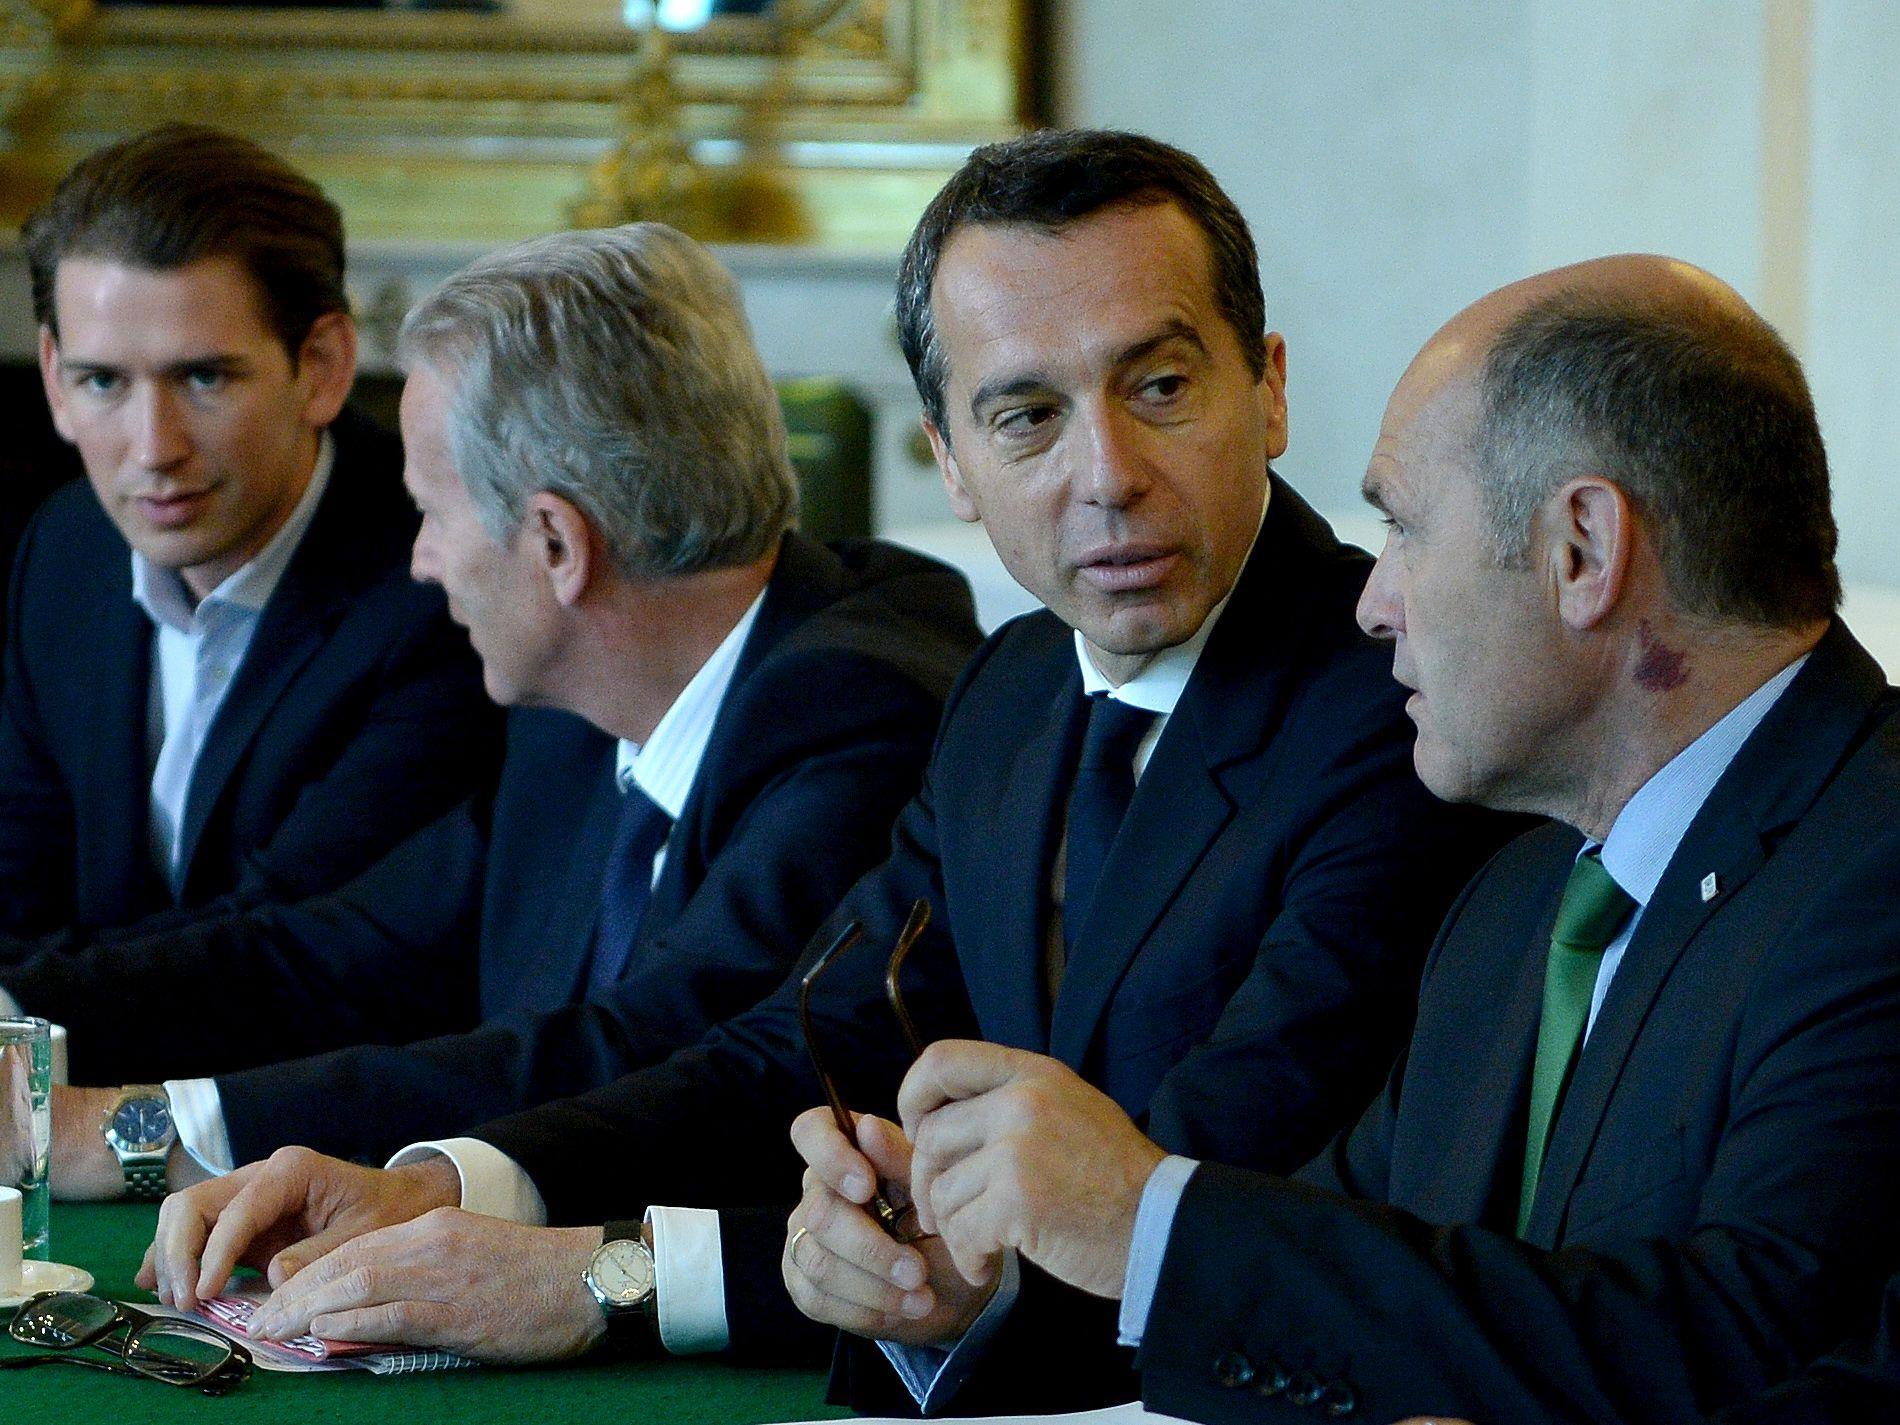 Bundeskanzler Kern ist gegen die Vorschläge von Innenminister Sobotka